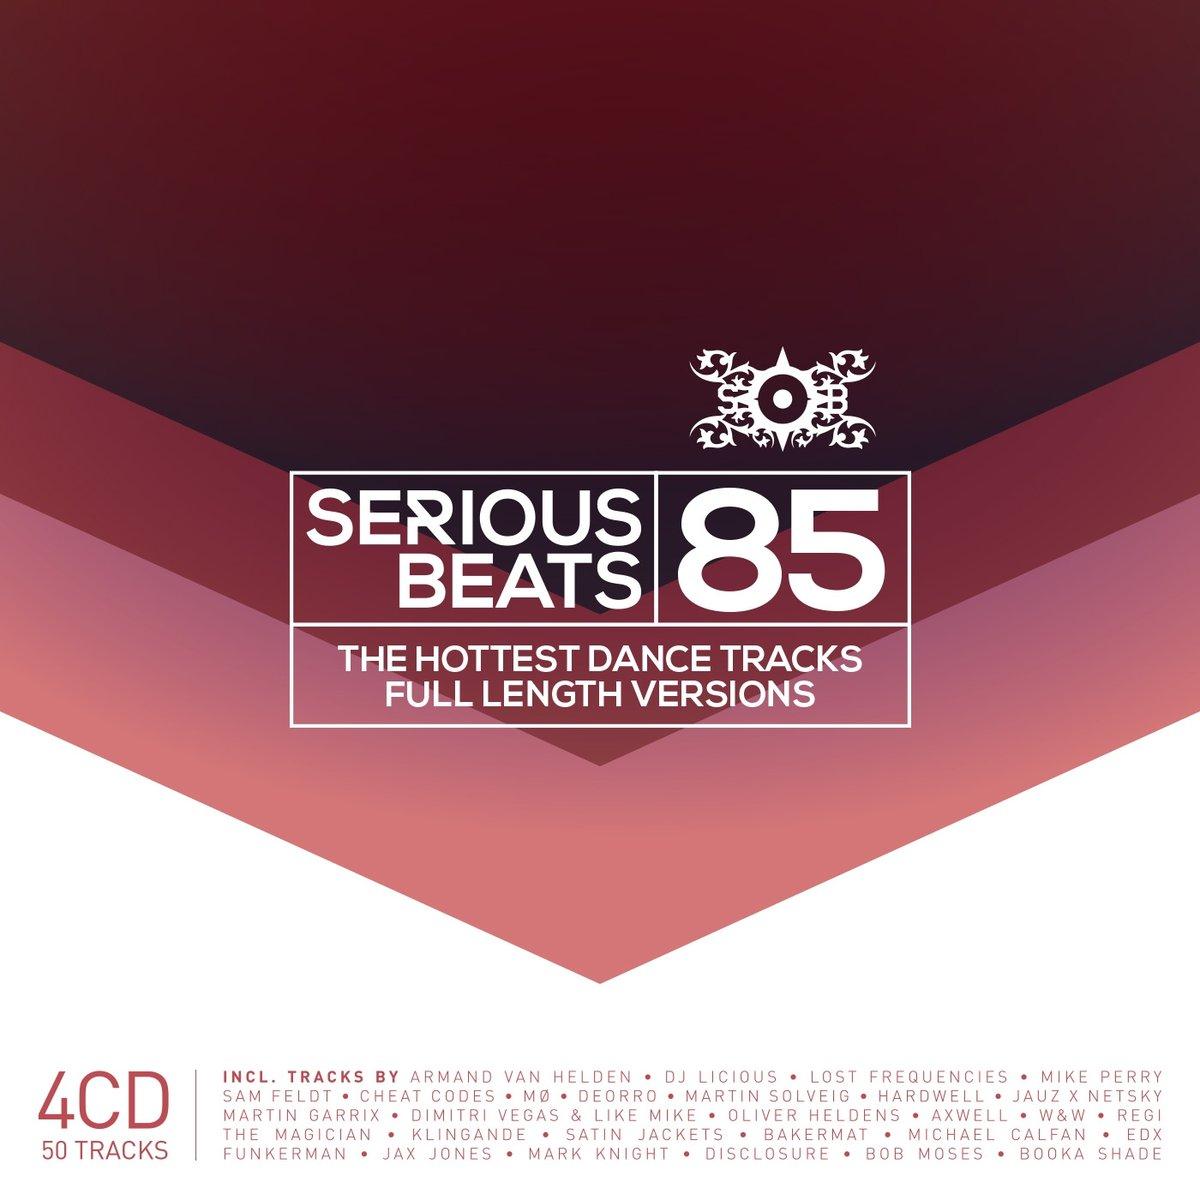 Image of VARIOUS ARTISTS -  SERIOUS BEATS 85 (4CD)